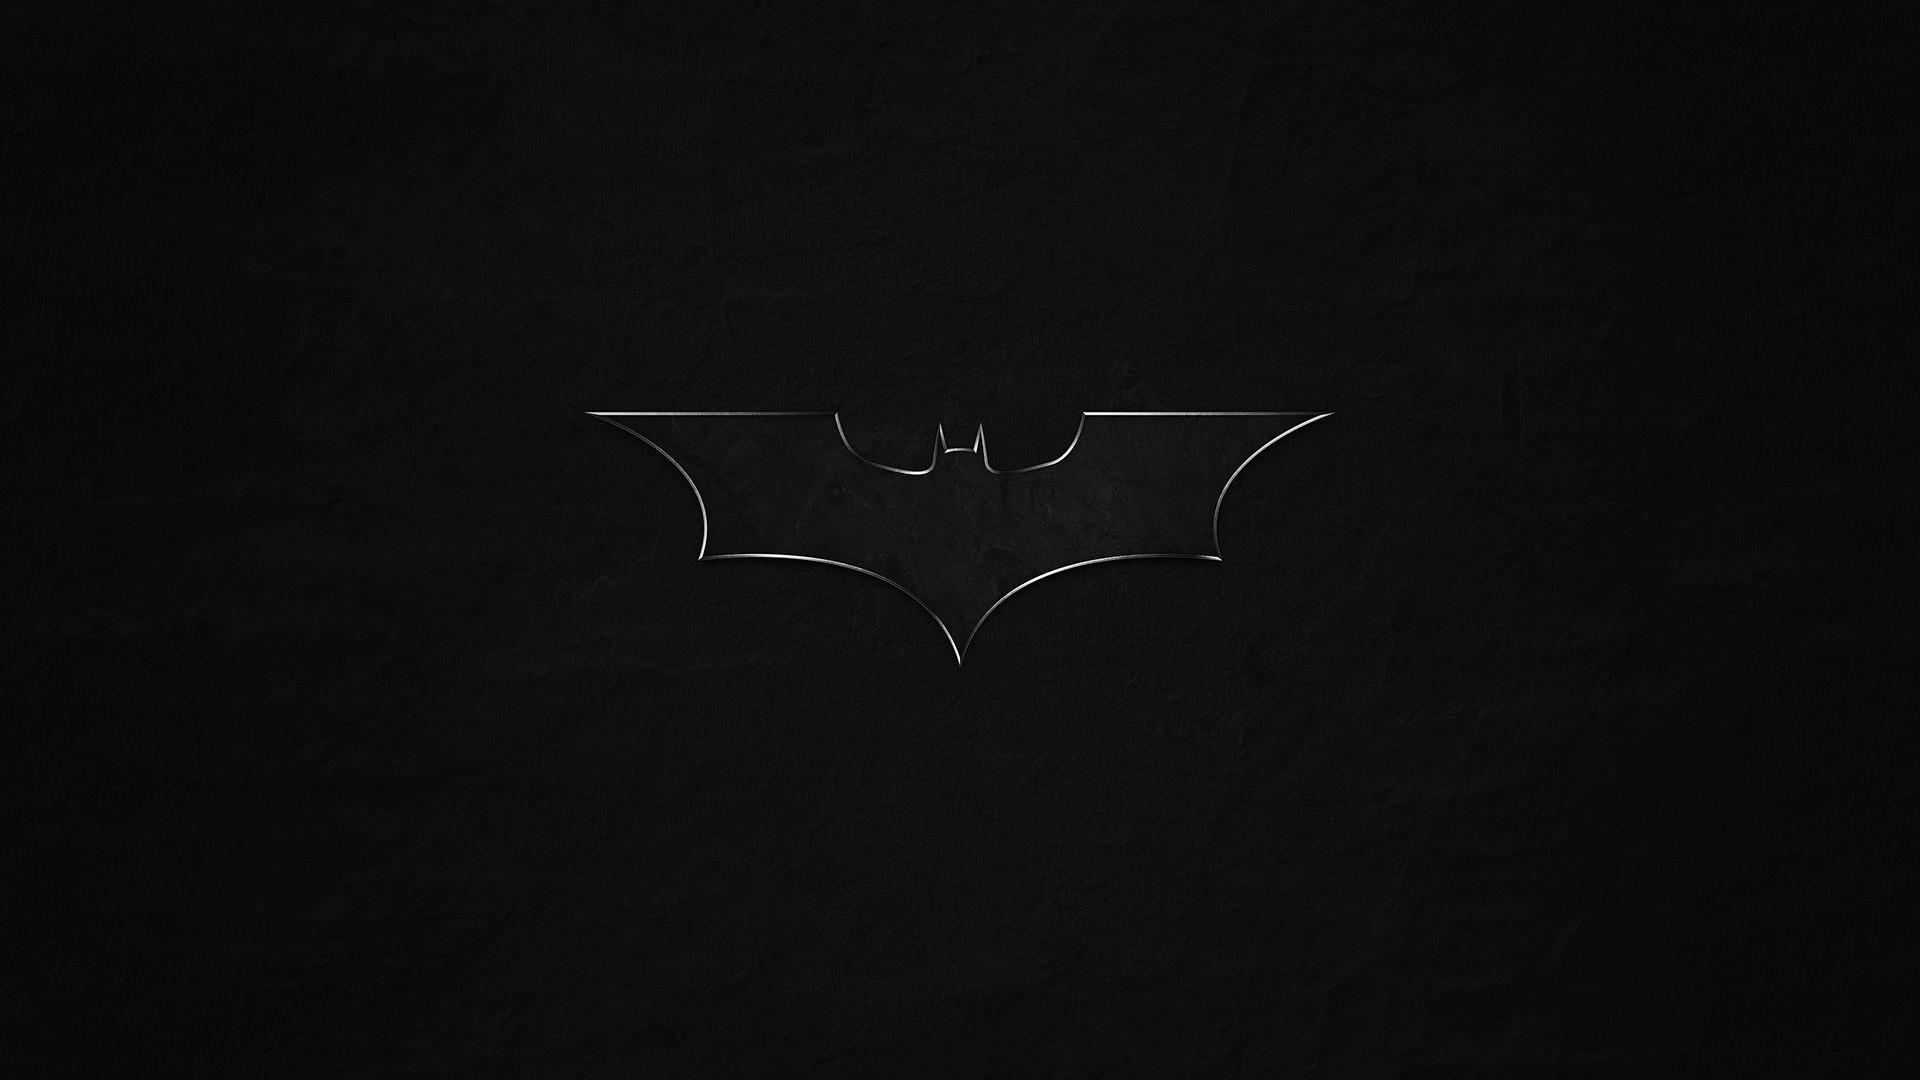 Batman Wallpaper Hd 74 Pictures